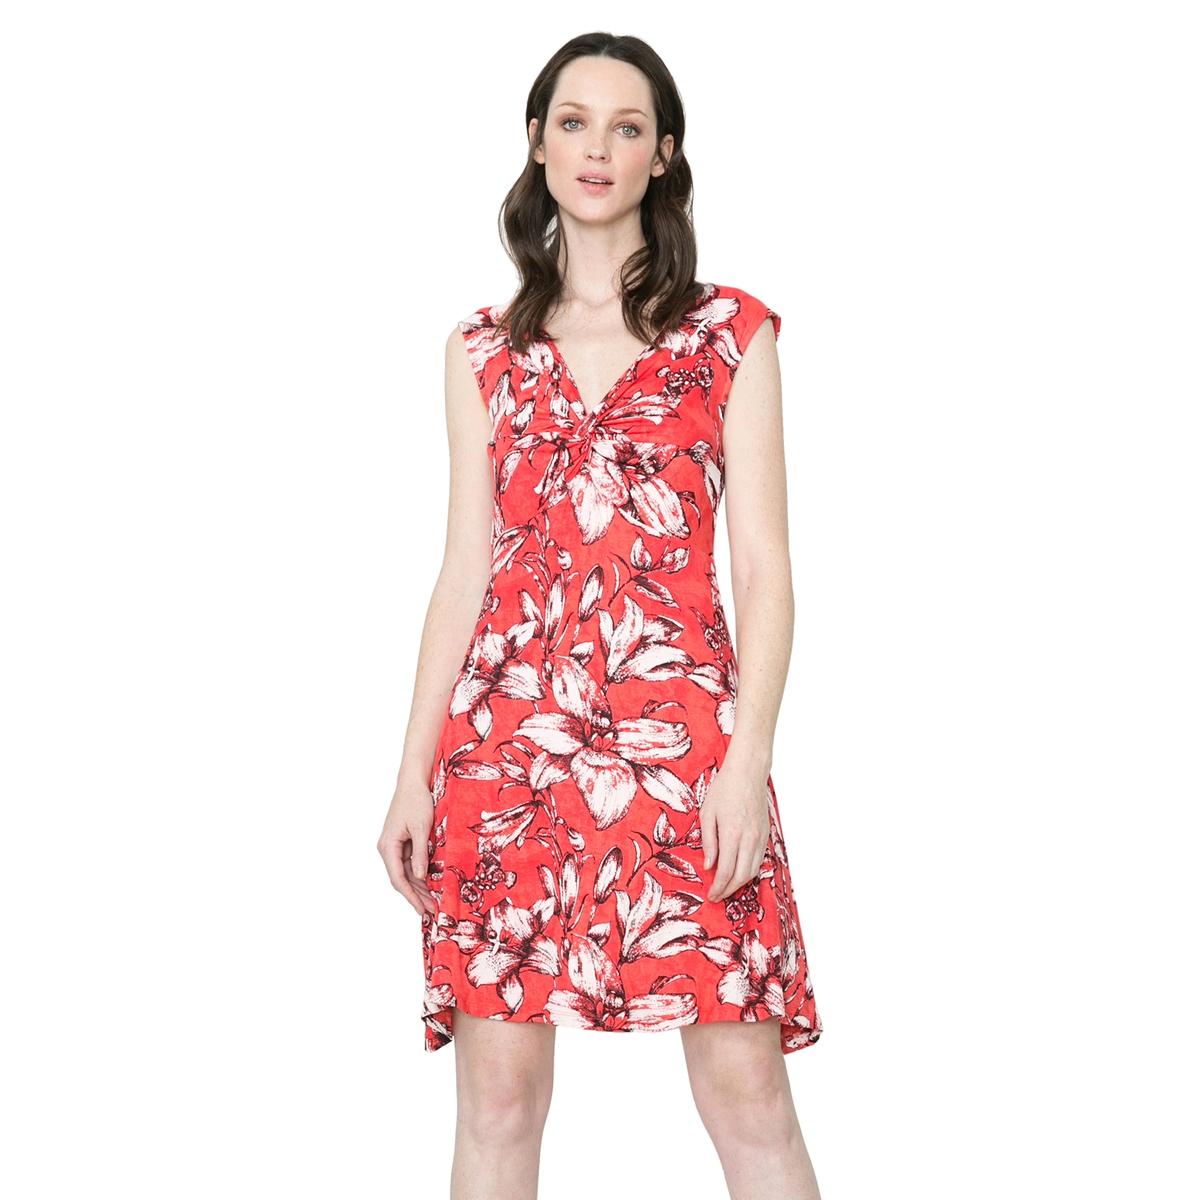 Платье без рукавов, с принтом, вуаль на подкладке  DESIGUAL, Vest JuanaПлатье без рукавов Vest Juana от DESIGUAL  . Вуаль на подкладке внизу . Принт на юбке . Состав и детали :Материал : 100% полиэстер Марка : DESIGUALУходМашинная стирка при 30°C<br><br>Цвет: красный наб. рисунок